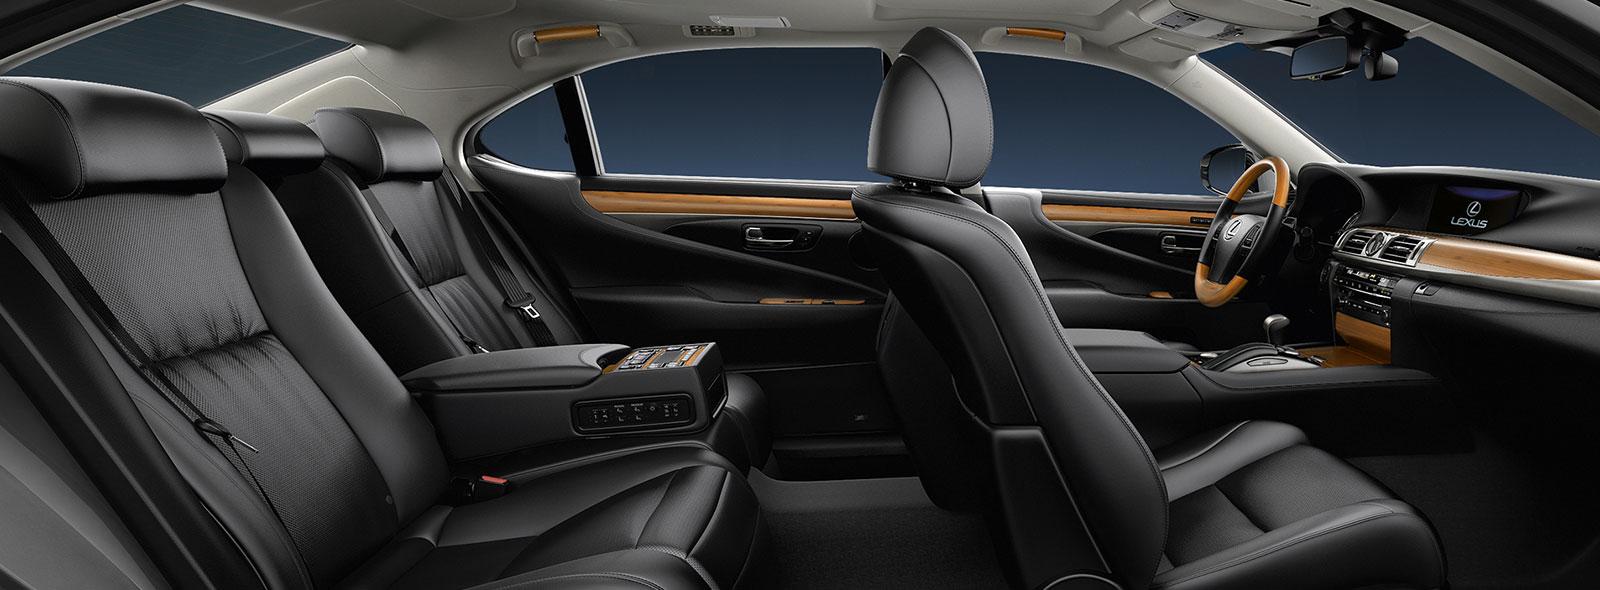 Interiörbild Lexus LS 600h L